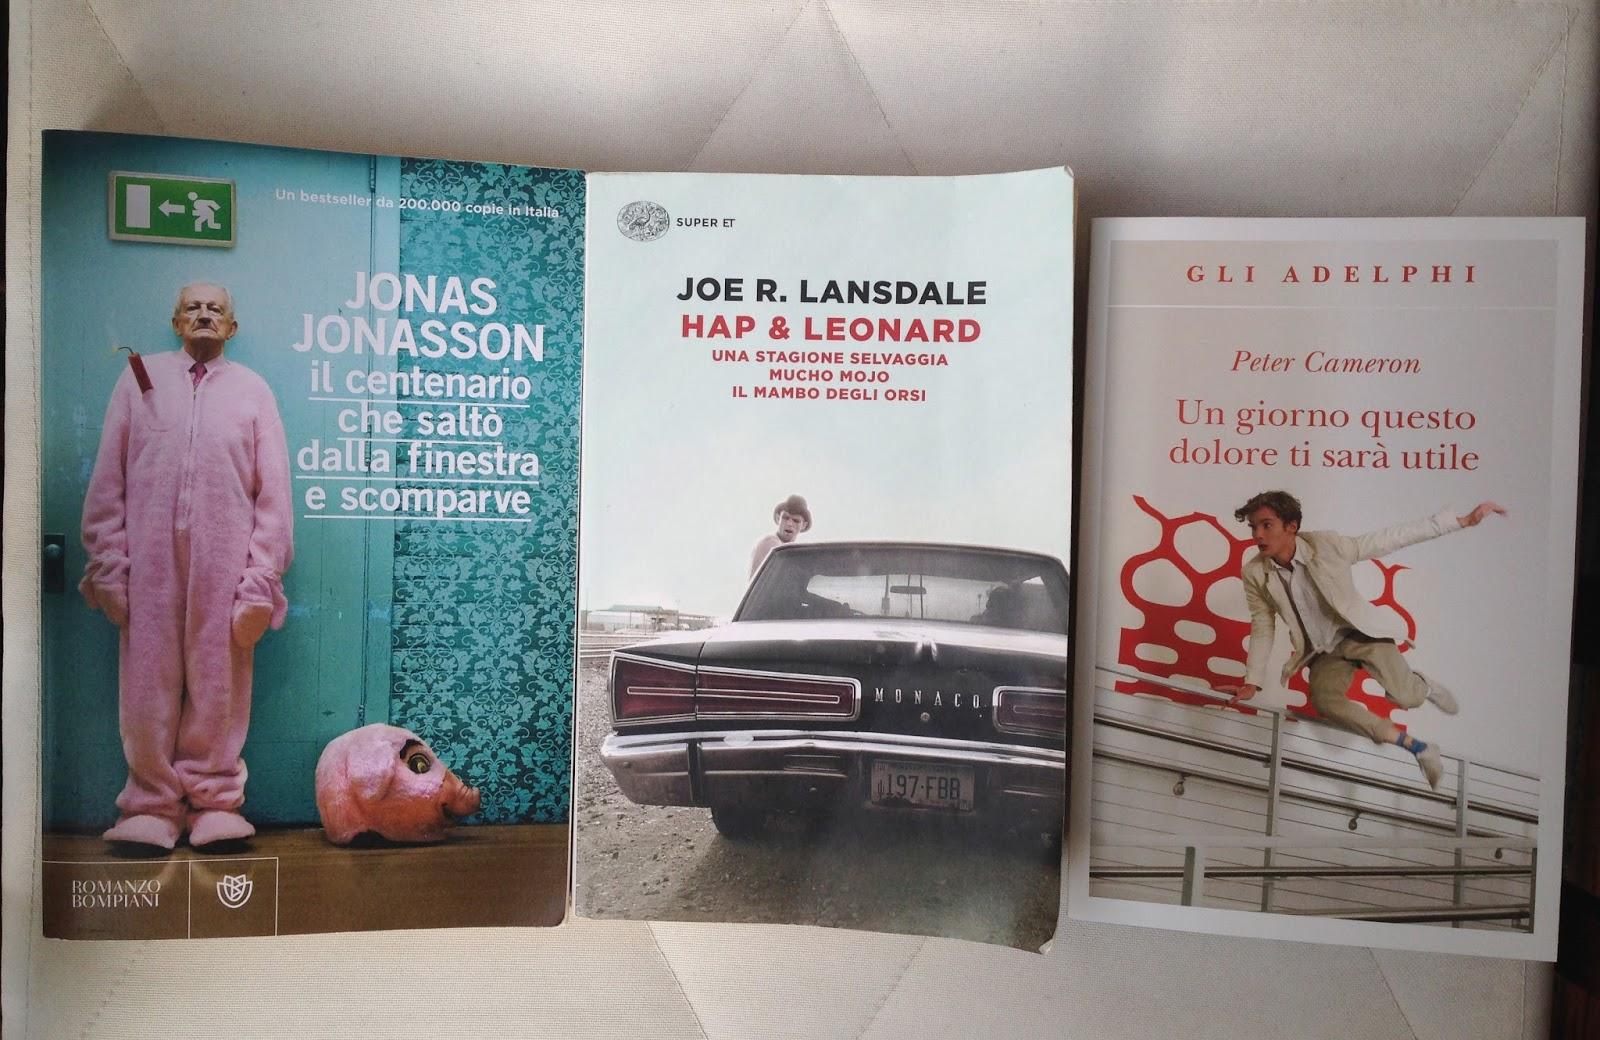 Suevele agosto 2016 - Il centenario che salto dalla finestra e scomparve libro pdf ...